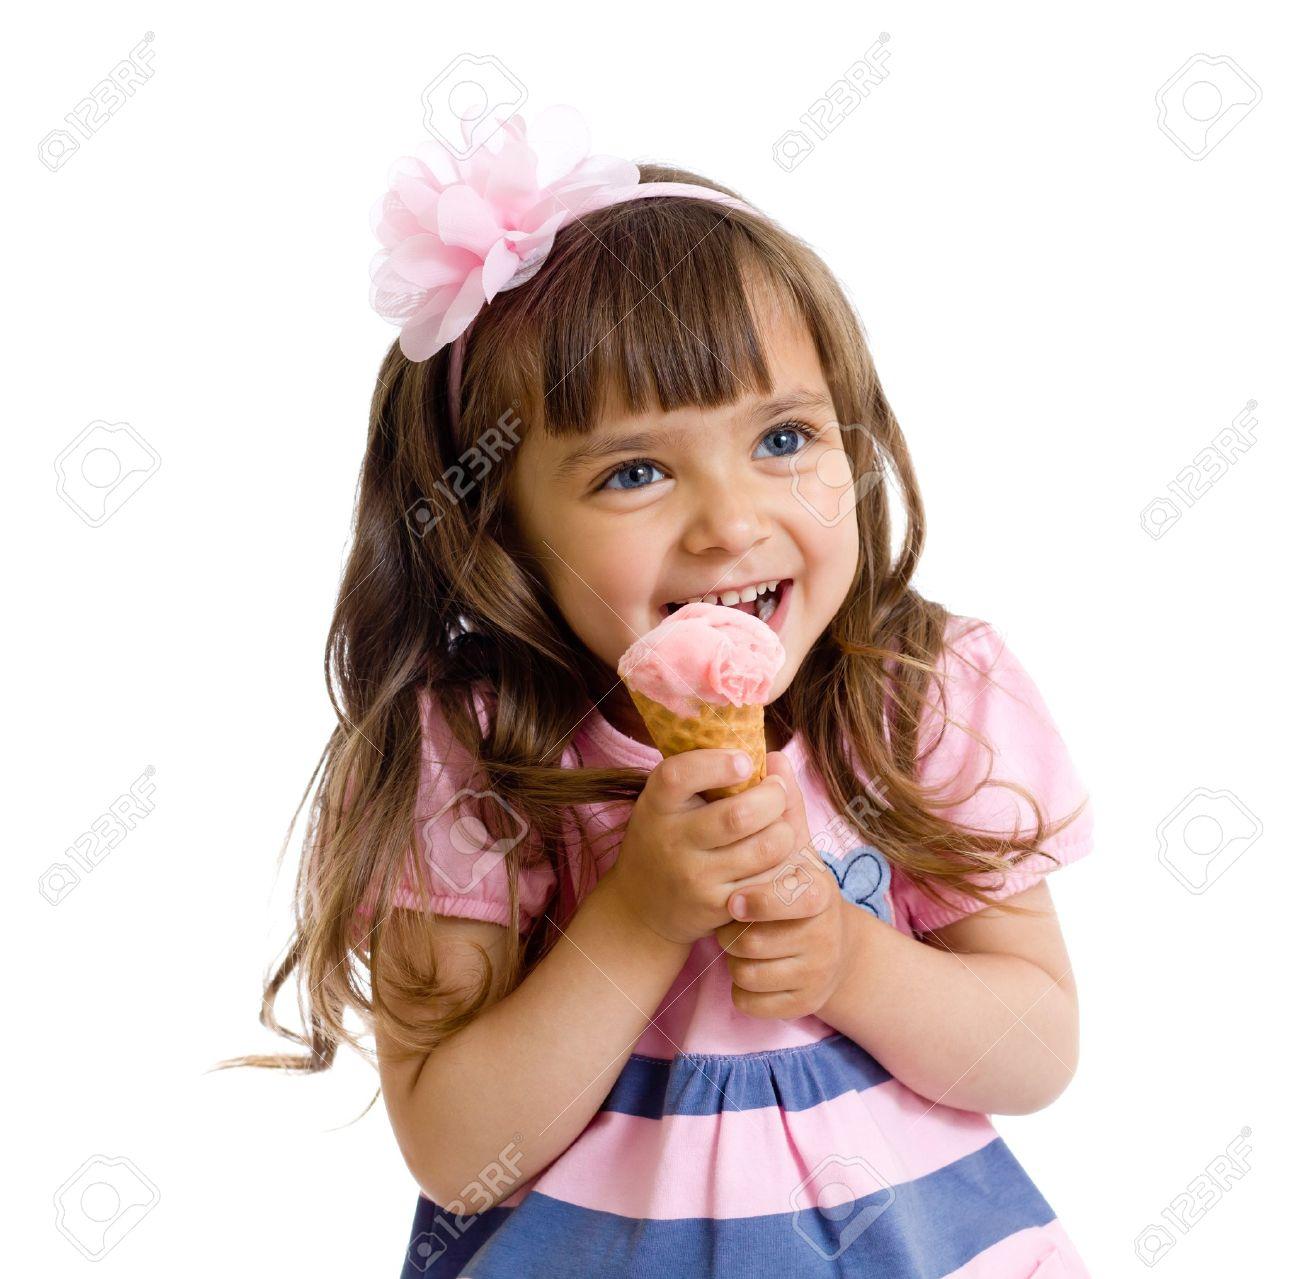 Фото маленькая девочка с пиздой 3 фотография